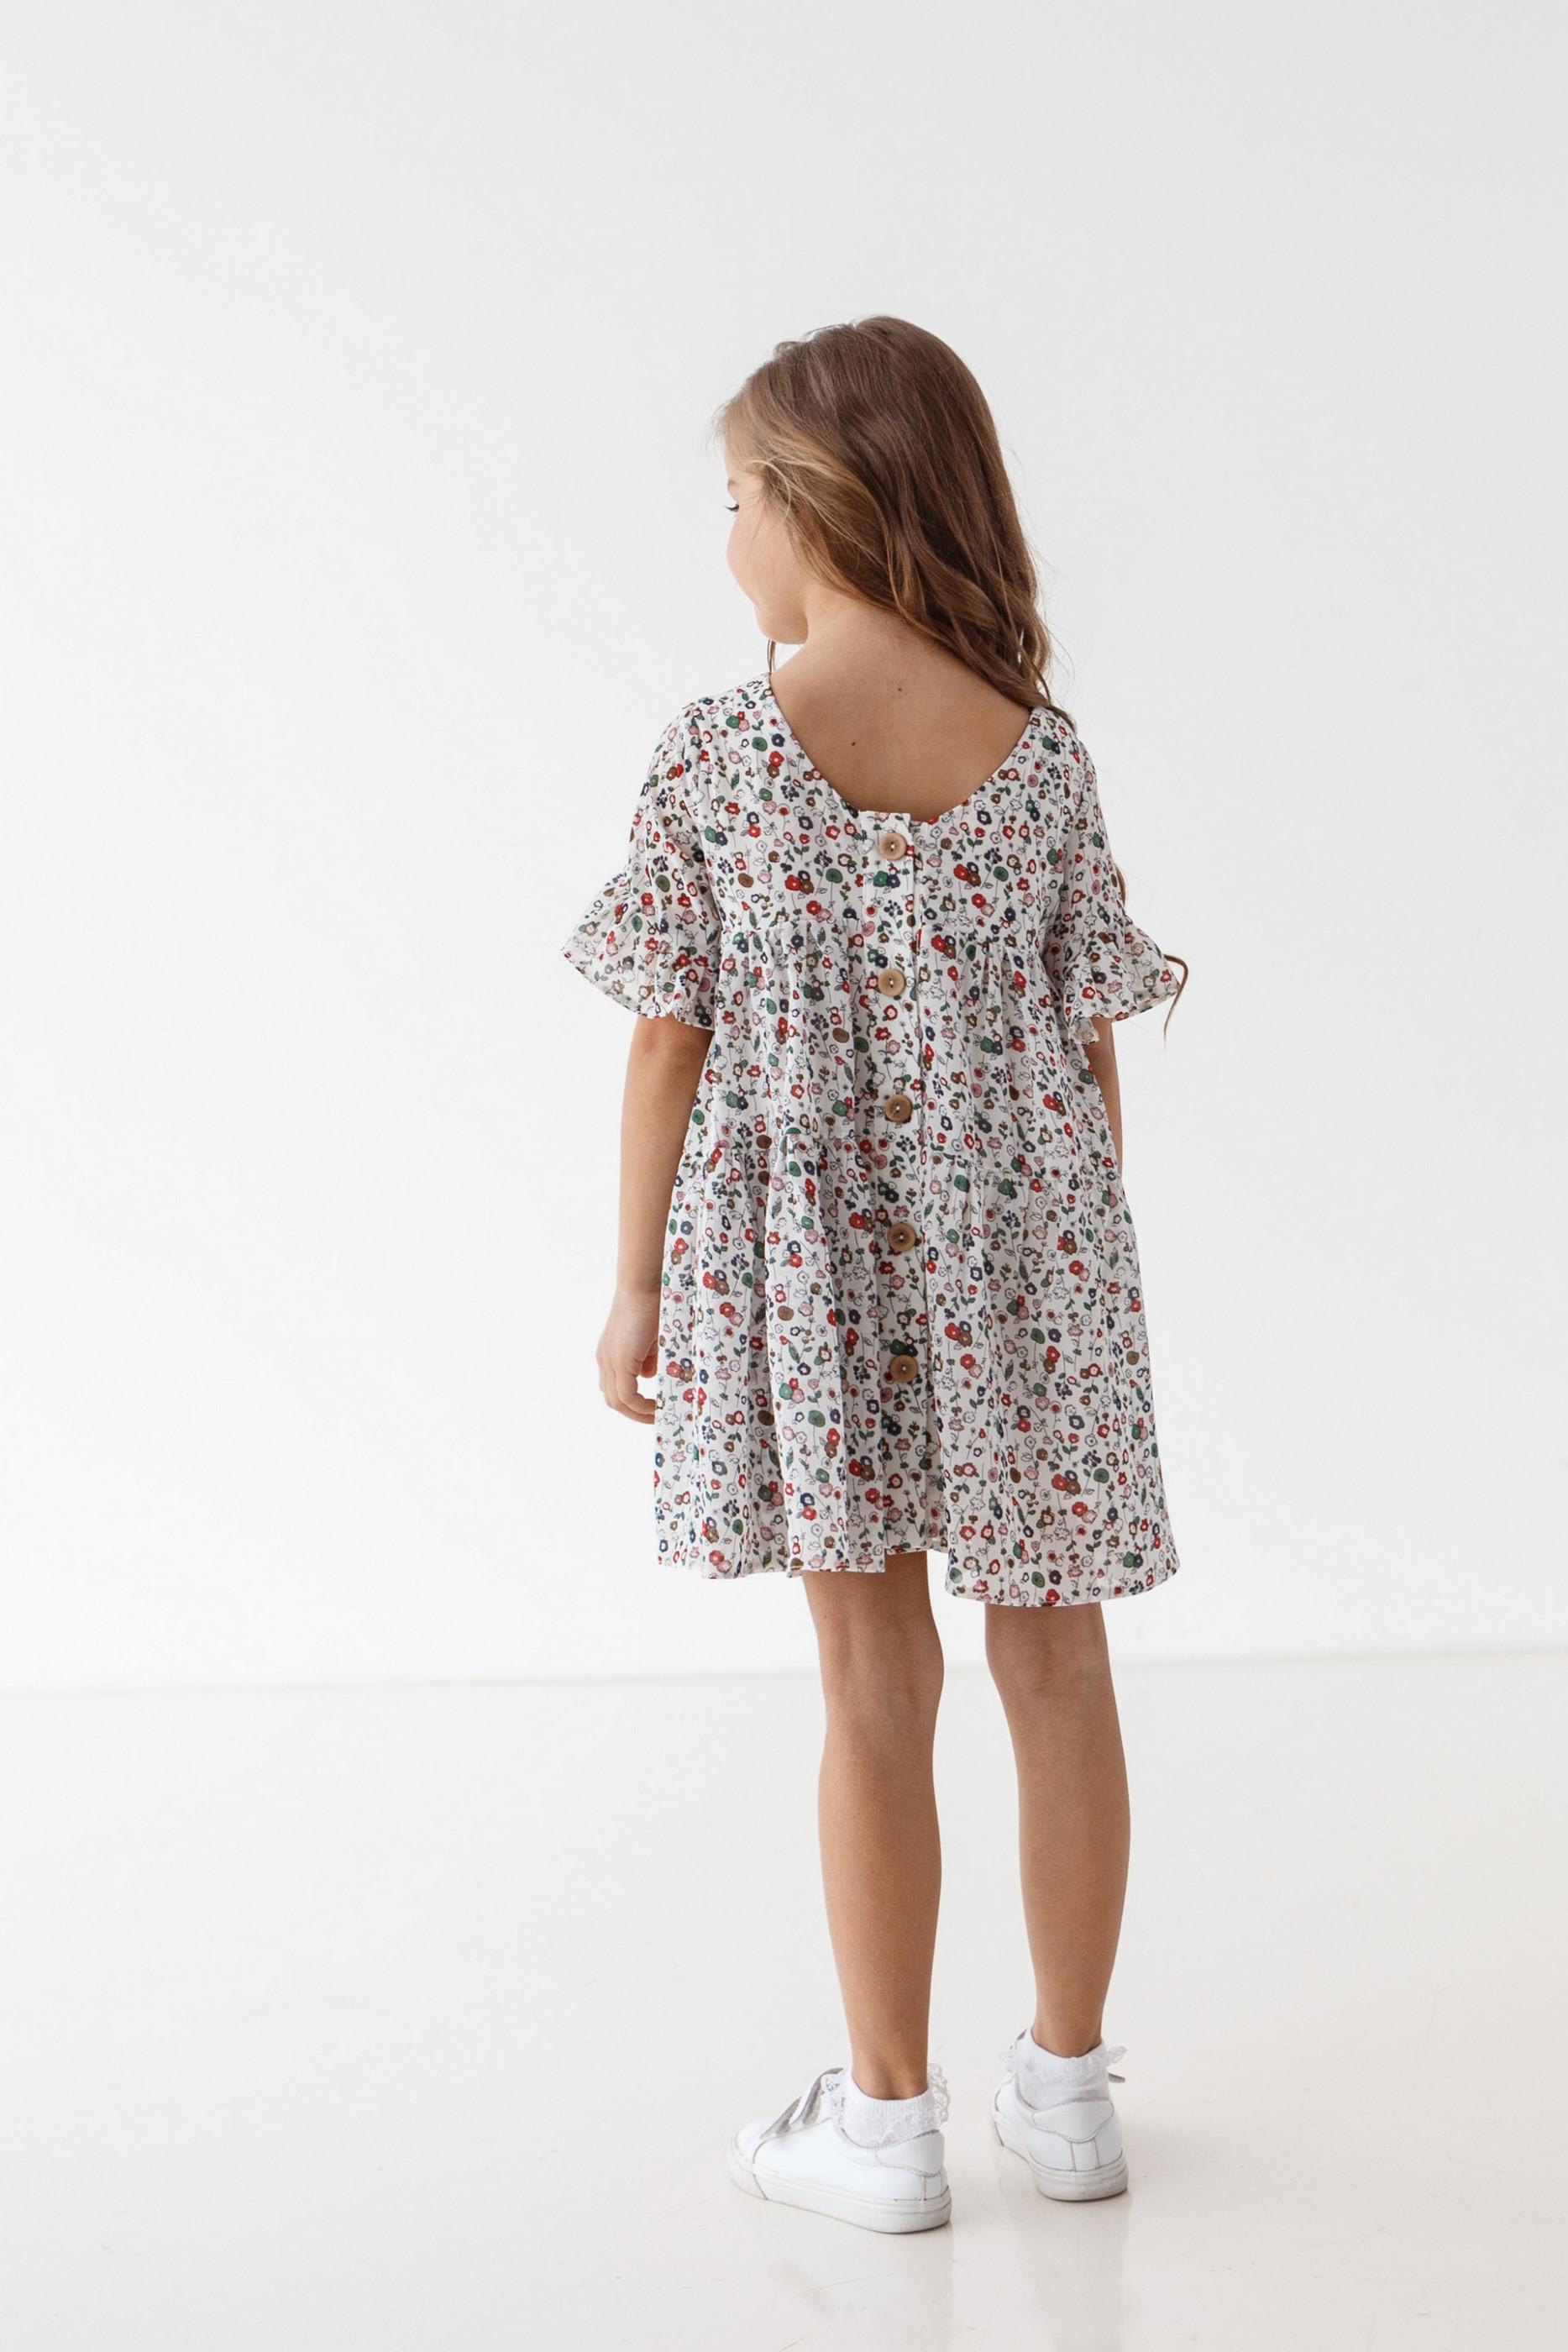 Плаття Флорі, фото №3